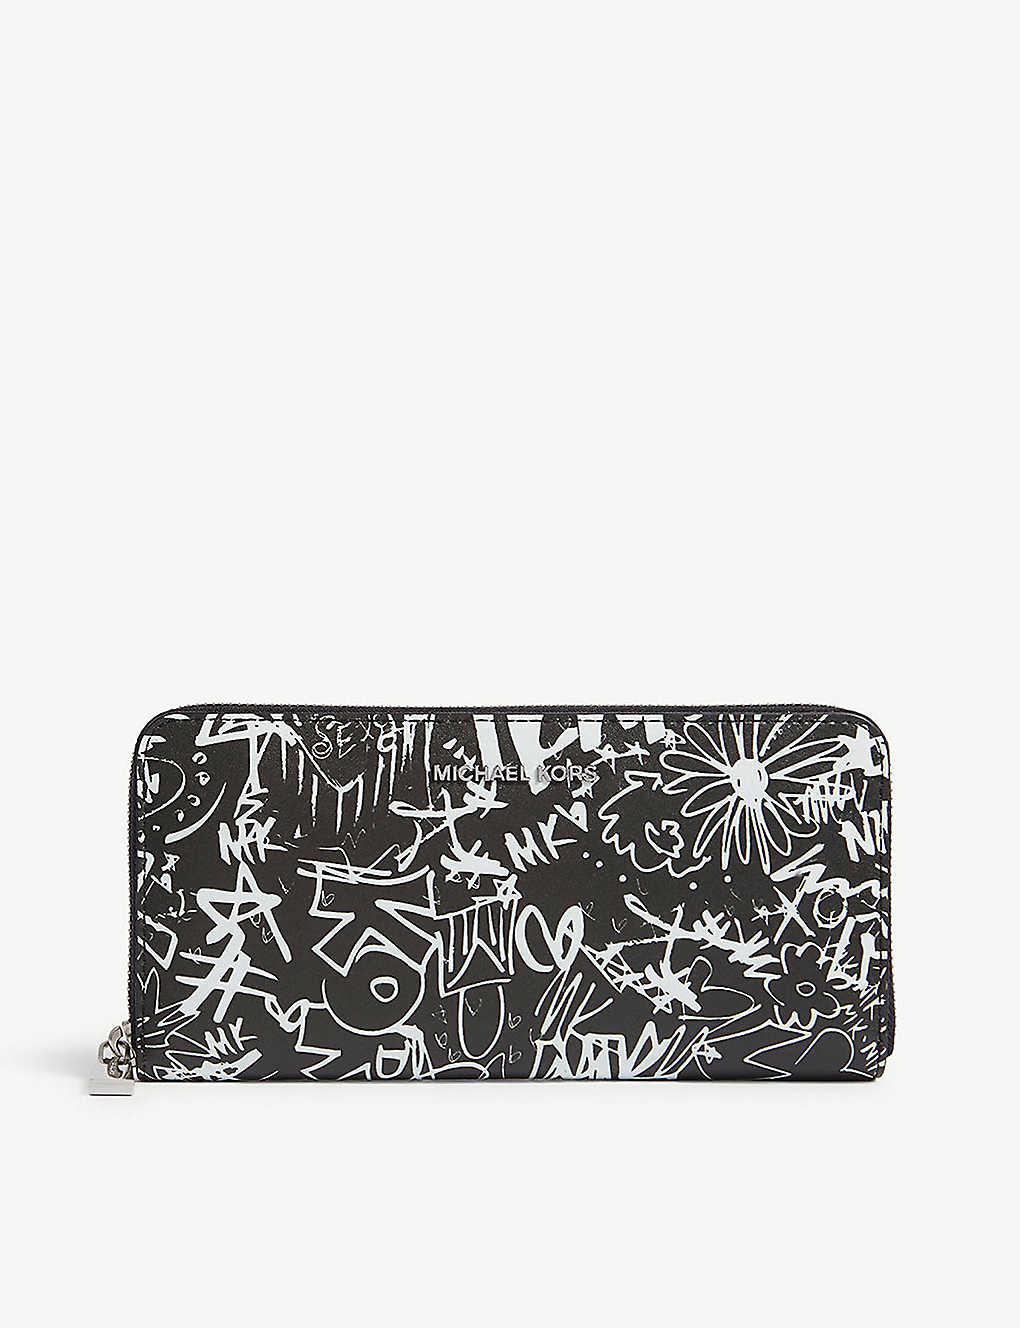 MICHAEL MICHAEL KORS - Money pieces graffiti leather wallet ... 31a1b6d401